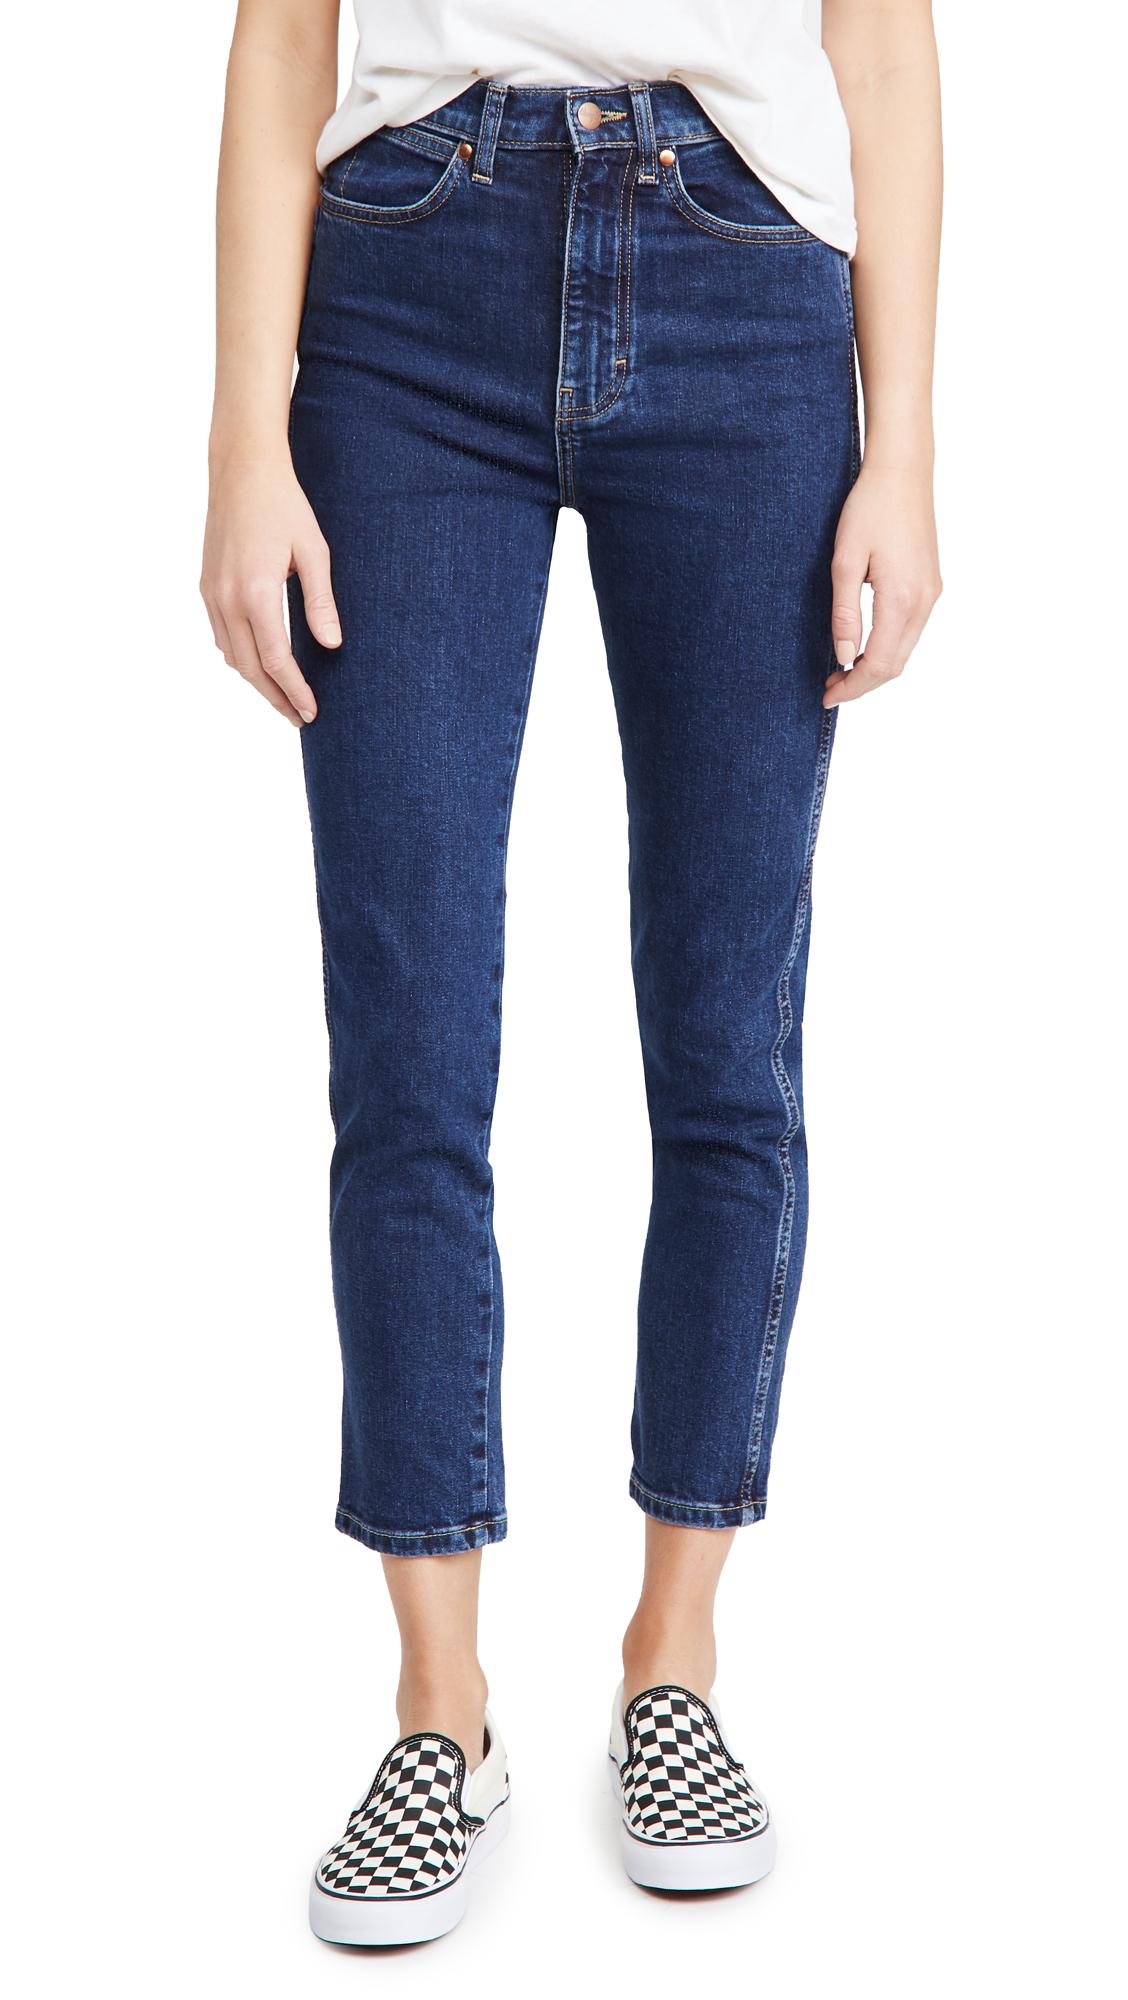 Wrangler Whimsy High Rise Slim Jeans